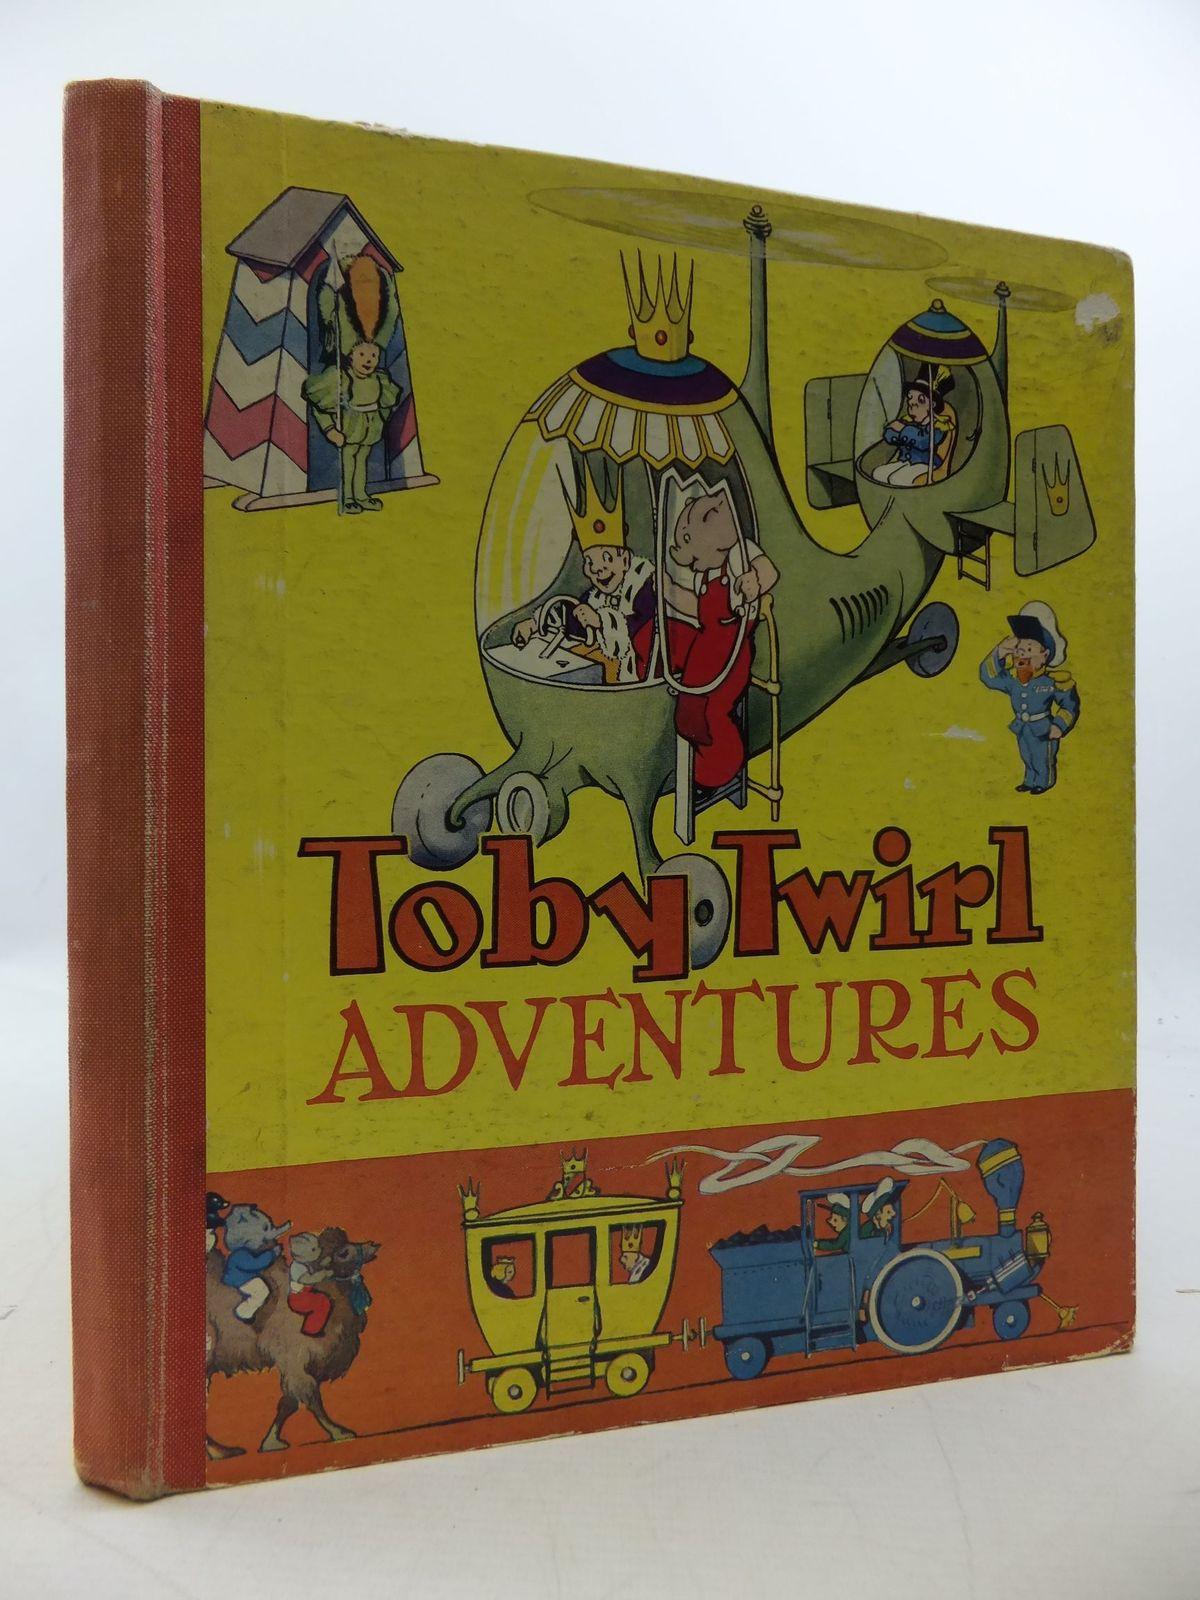 Toby Twirl Adventures